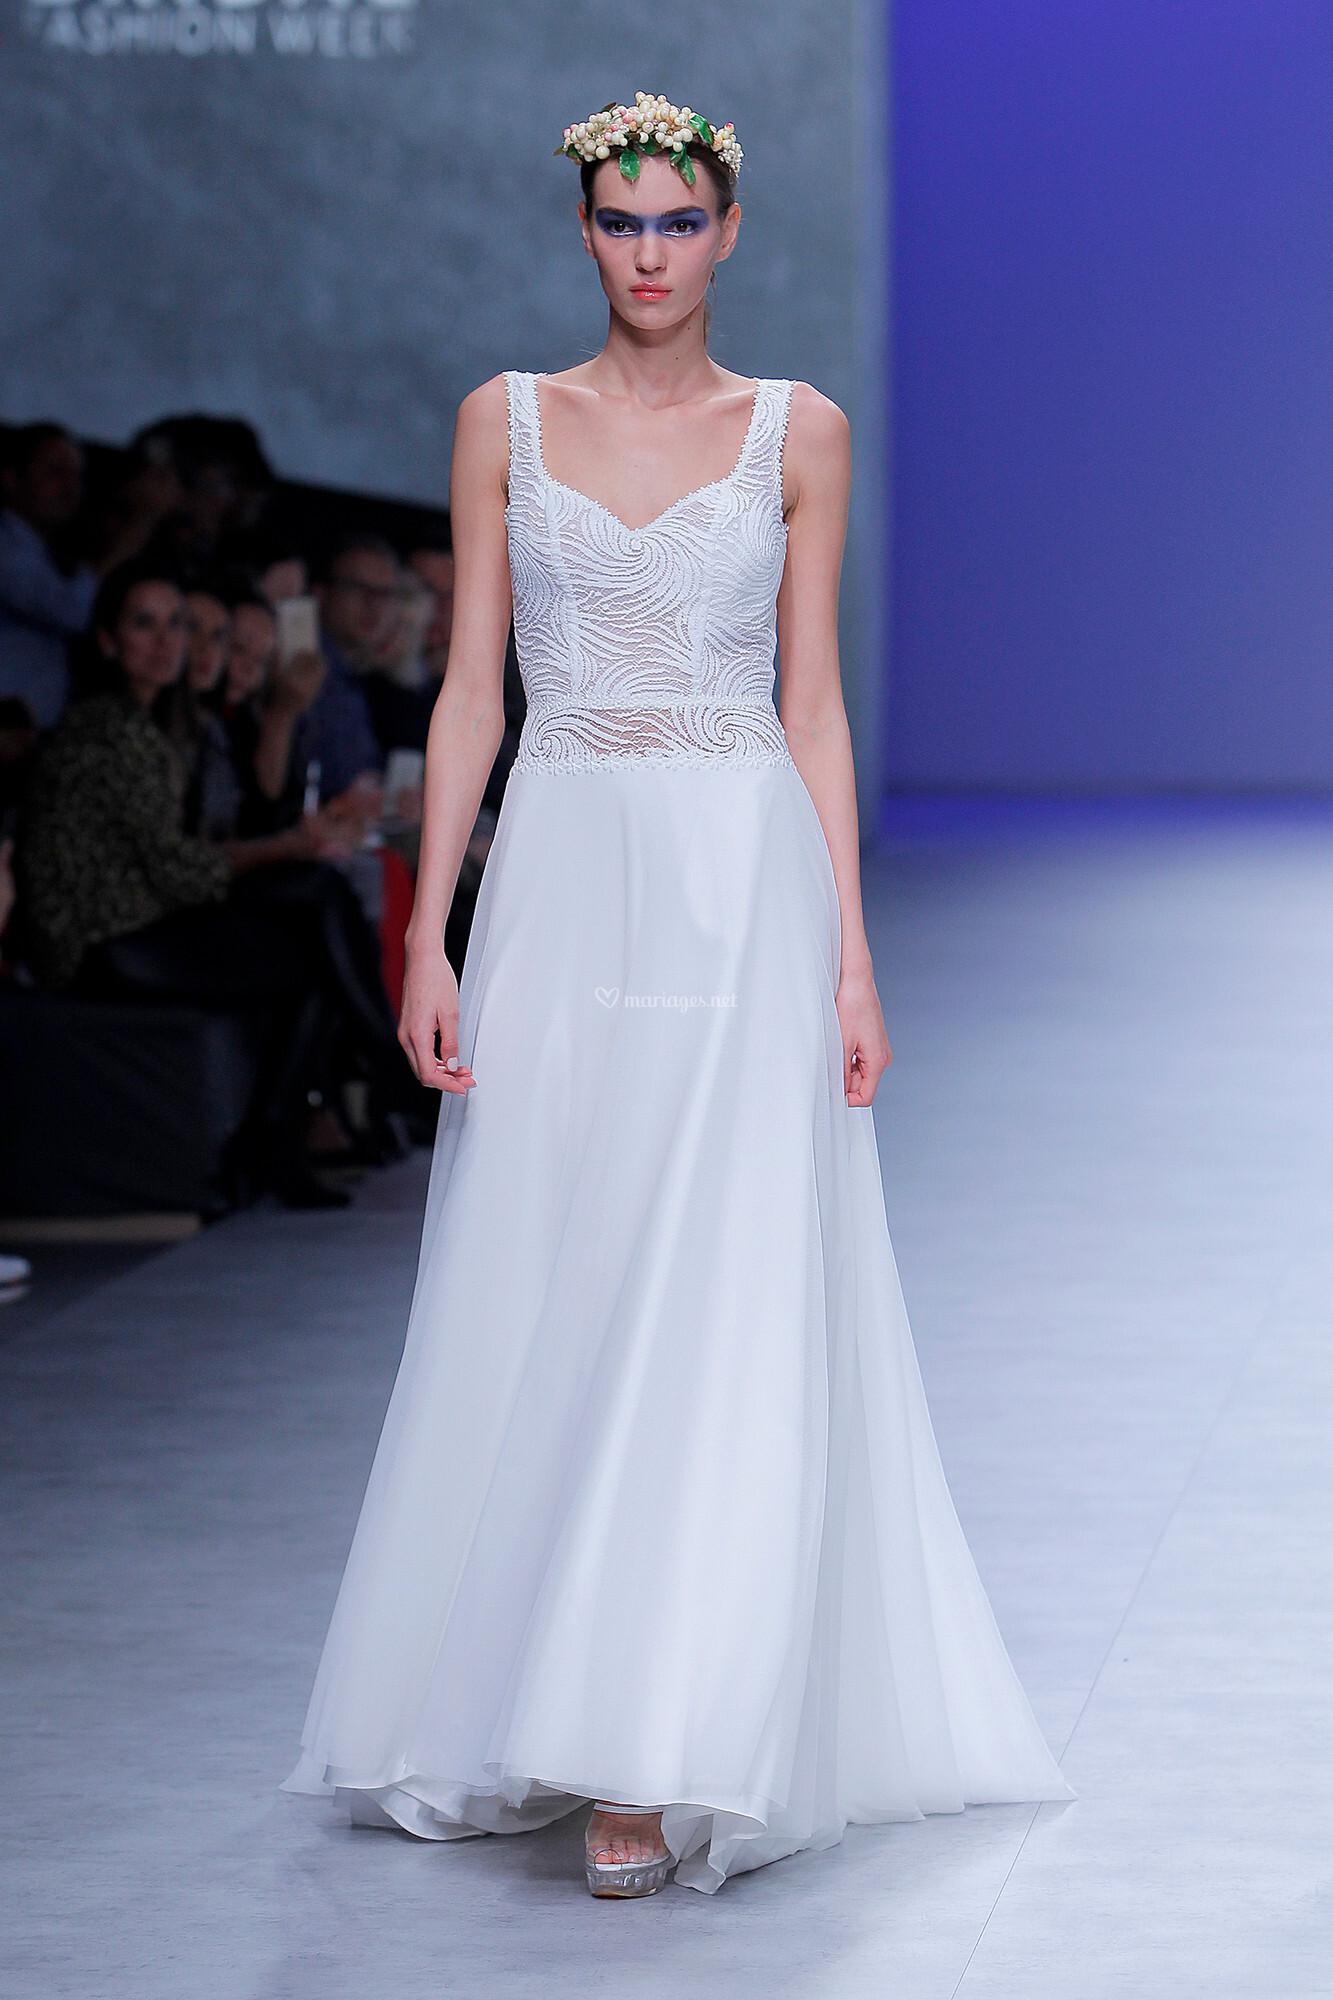 Robes de mariée sur Cymbeline - CY 036 - Mariages.net